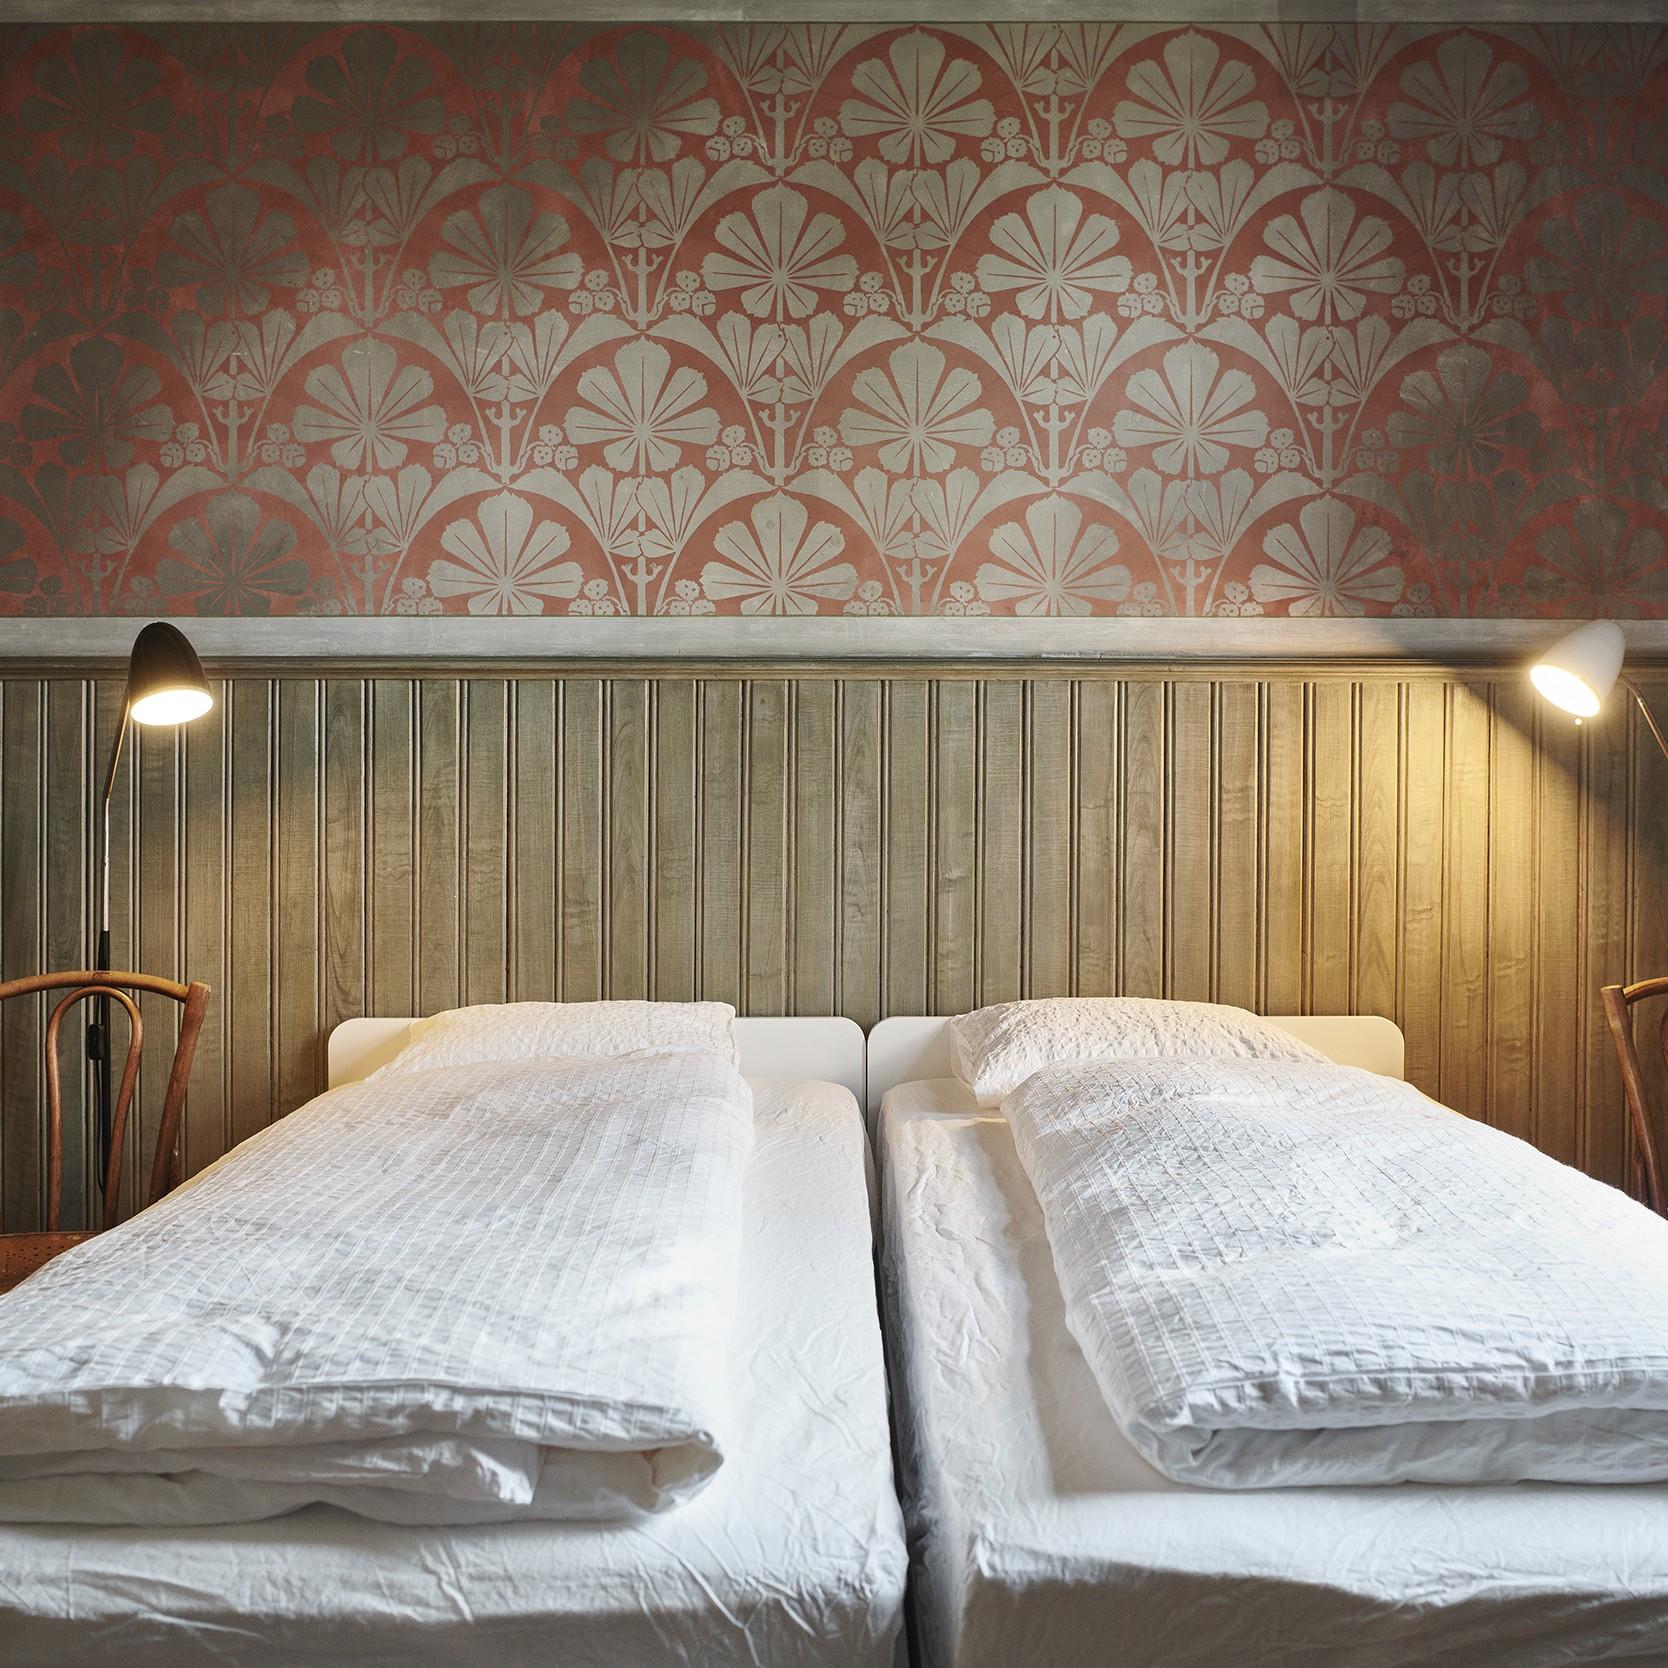 Schlafen wie einst Max Burkhardt: Die ursprüngliche Ausstattung ist komplett erhalten.